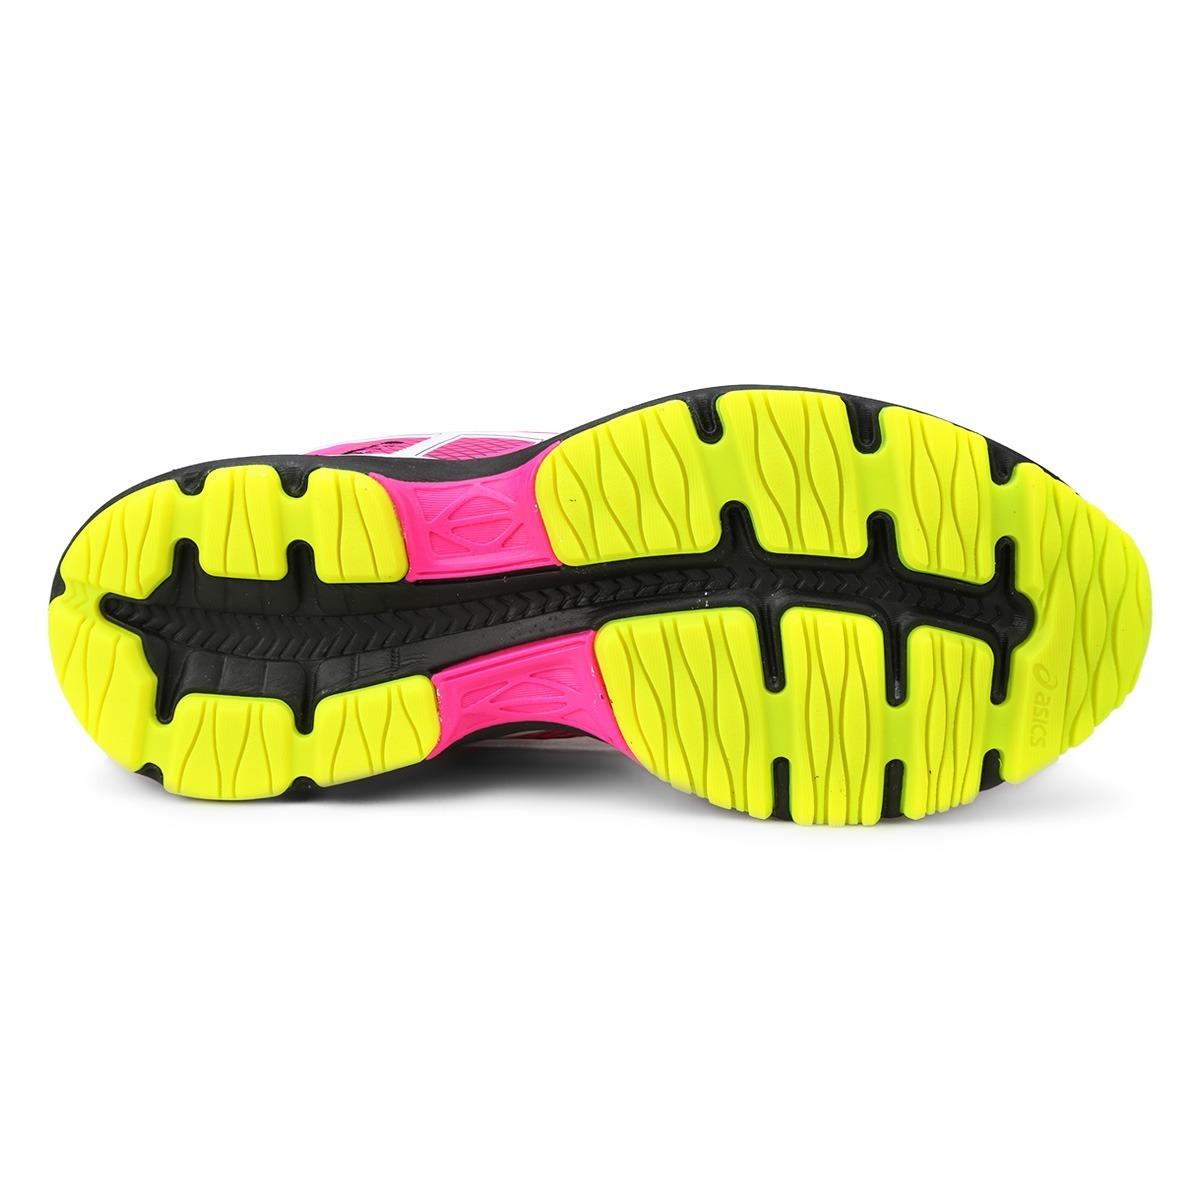 tênis asics gel spree feminino - pink e branco - original. Carregando zoom. 77997e2a1a4fe